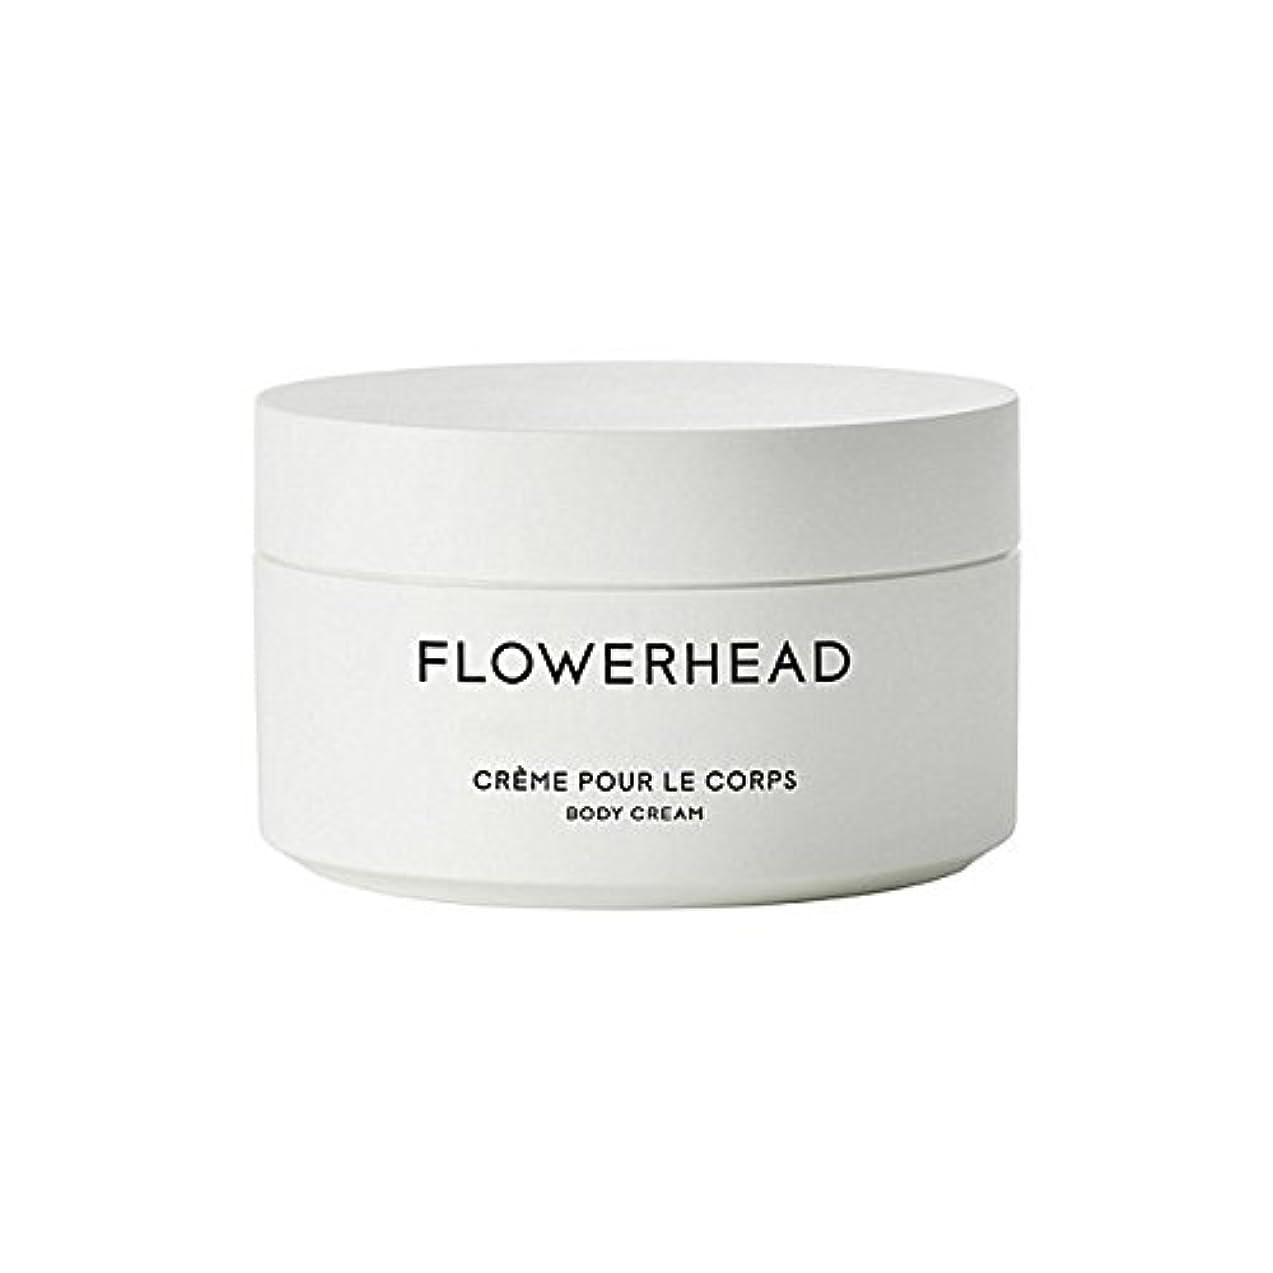 トランジスタしがみつくドラゴンByredo Flowerhead Body Cream 200ml (Pack of 6) - ボディクリーム200ミリリットル x6 [並行輸入品]